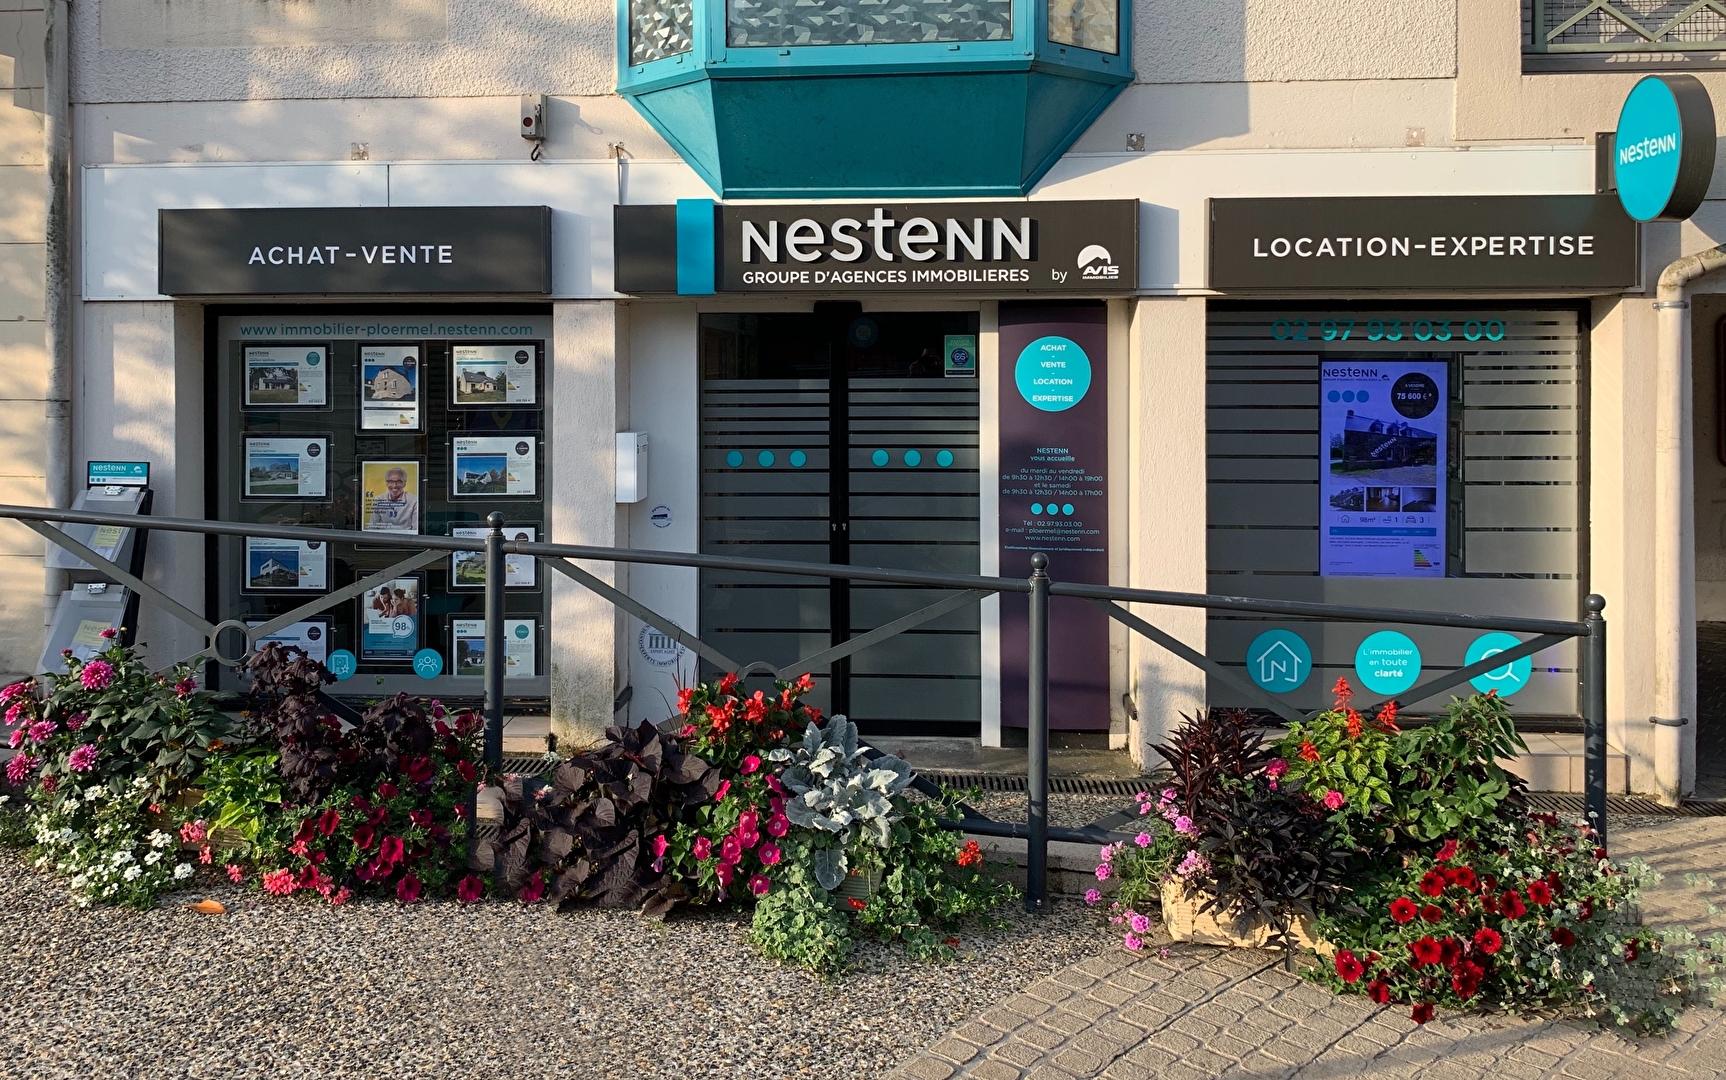 Immobilier Ploermel 56800 Nestenn